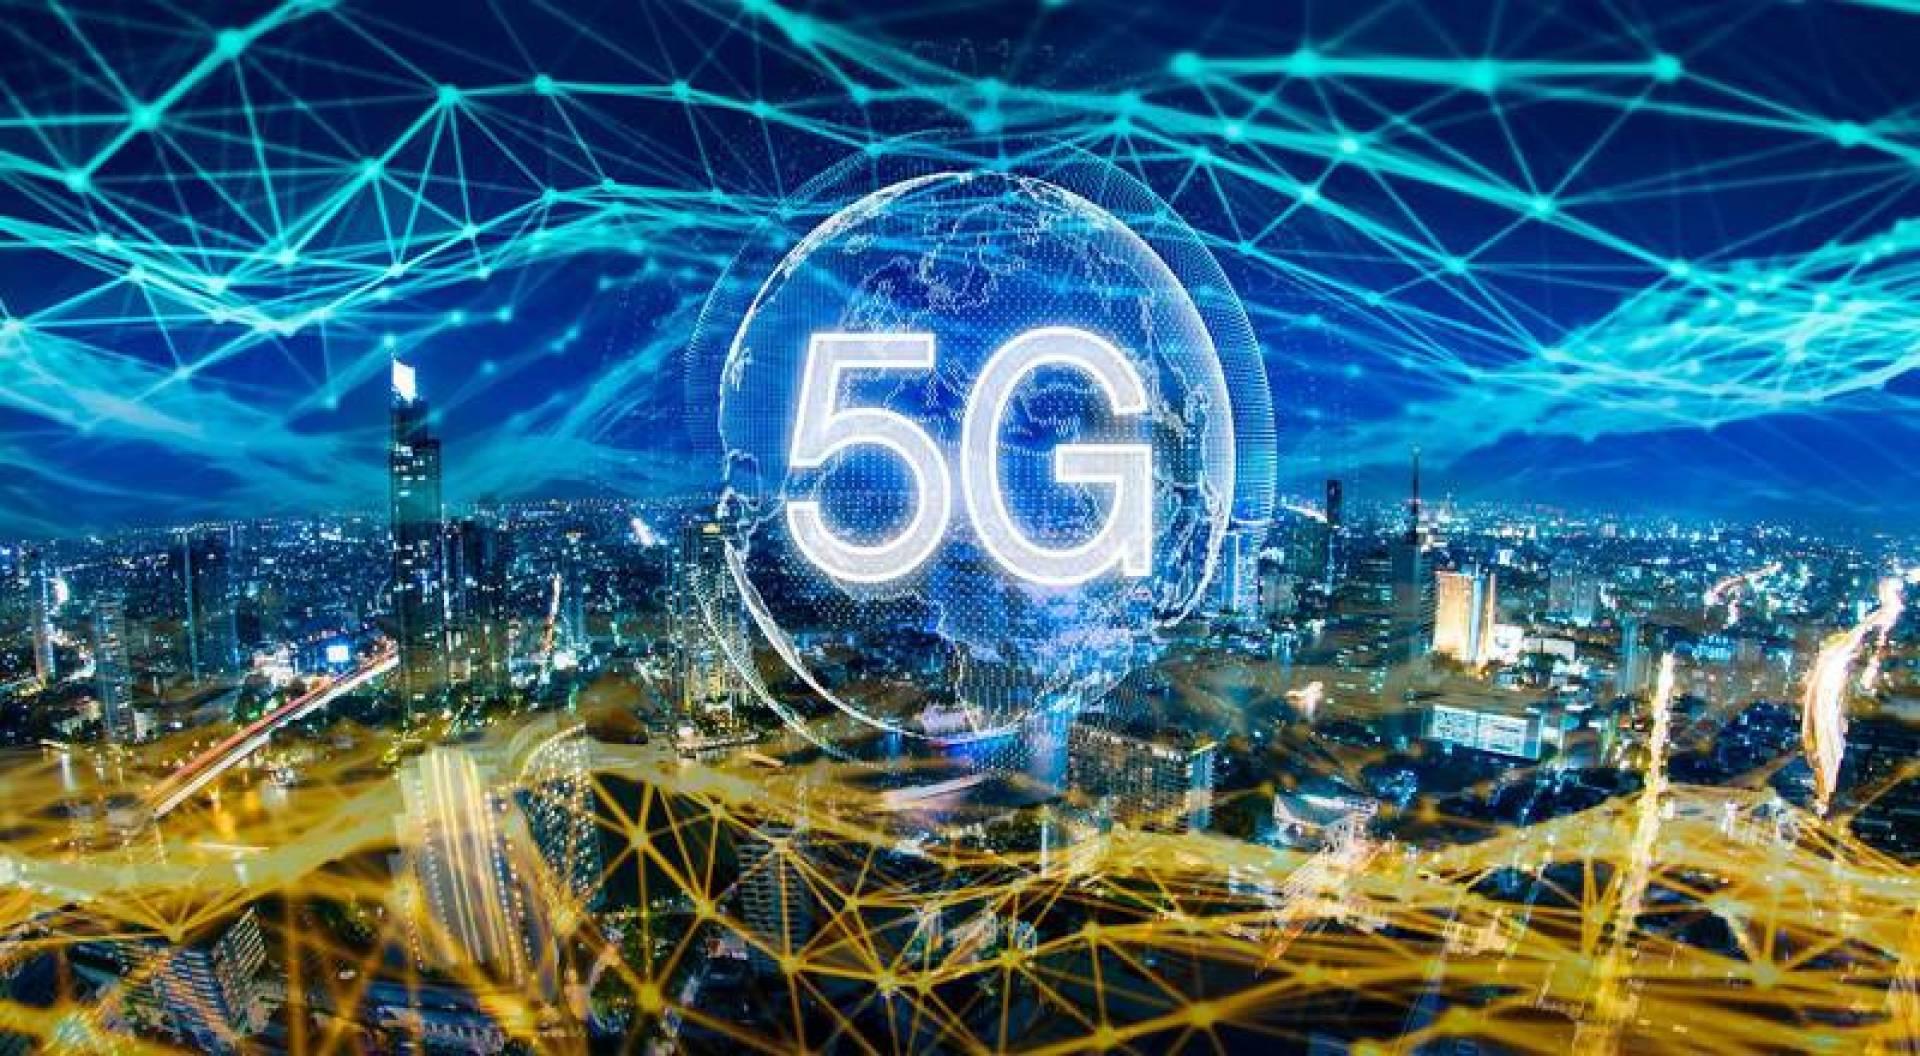 80 مليون مشترك 5G بالمنطقة في 2025